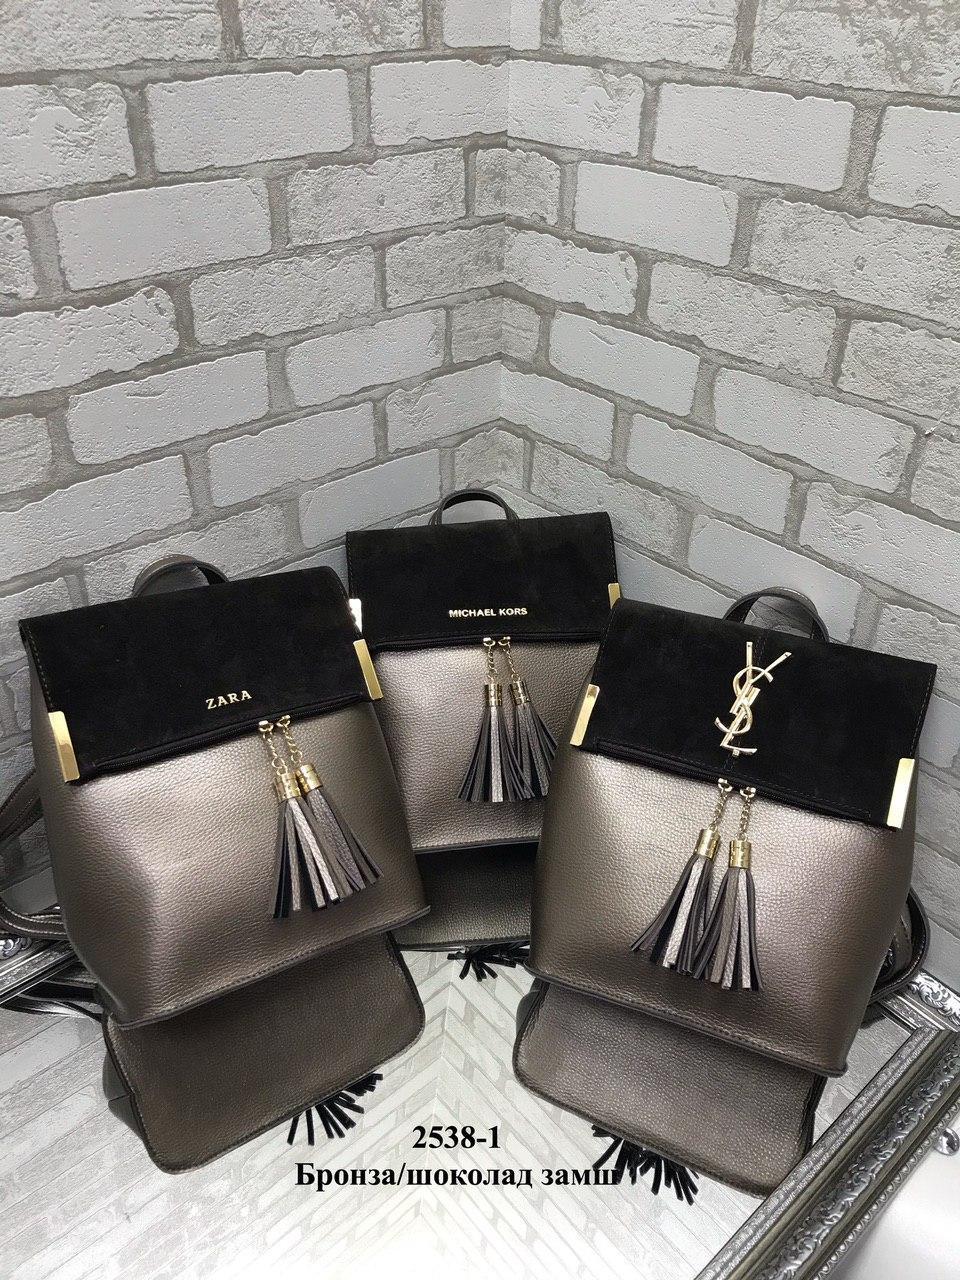 Модная сумка-рюкзак из качественного кожзама с натуральной замшей (ZARA, YVES SAINT LAURENT, Michael Kors)